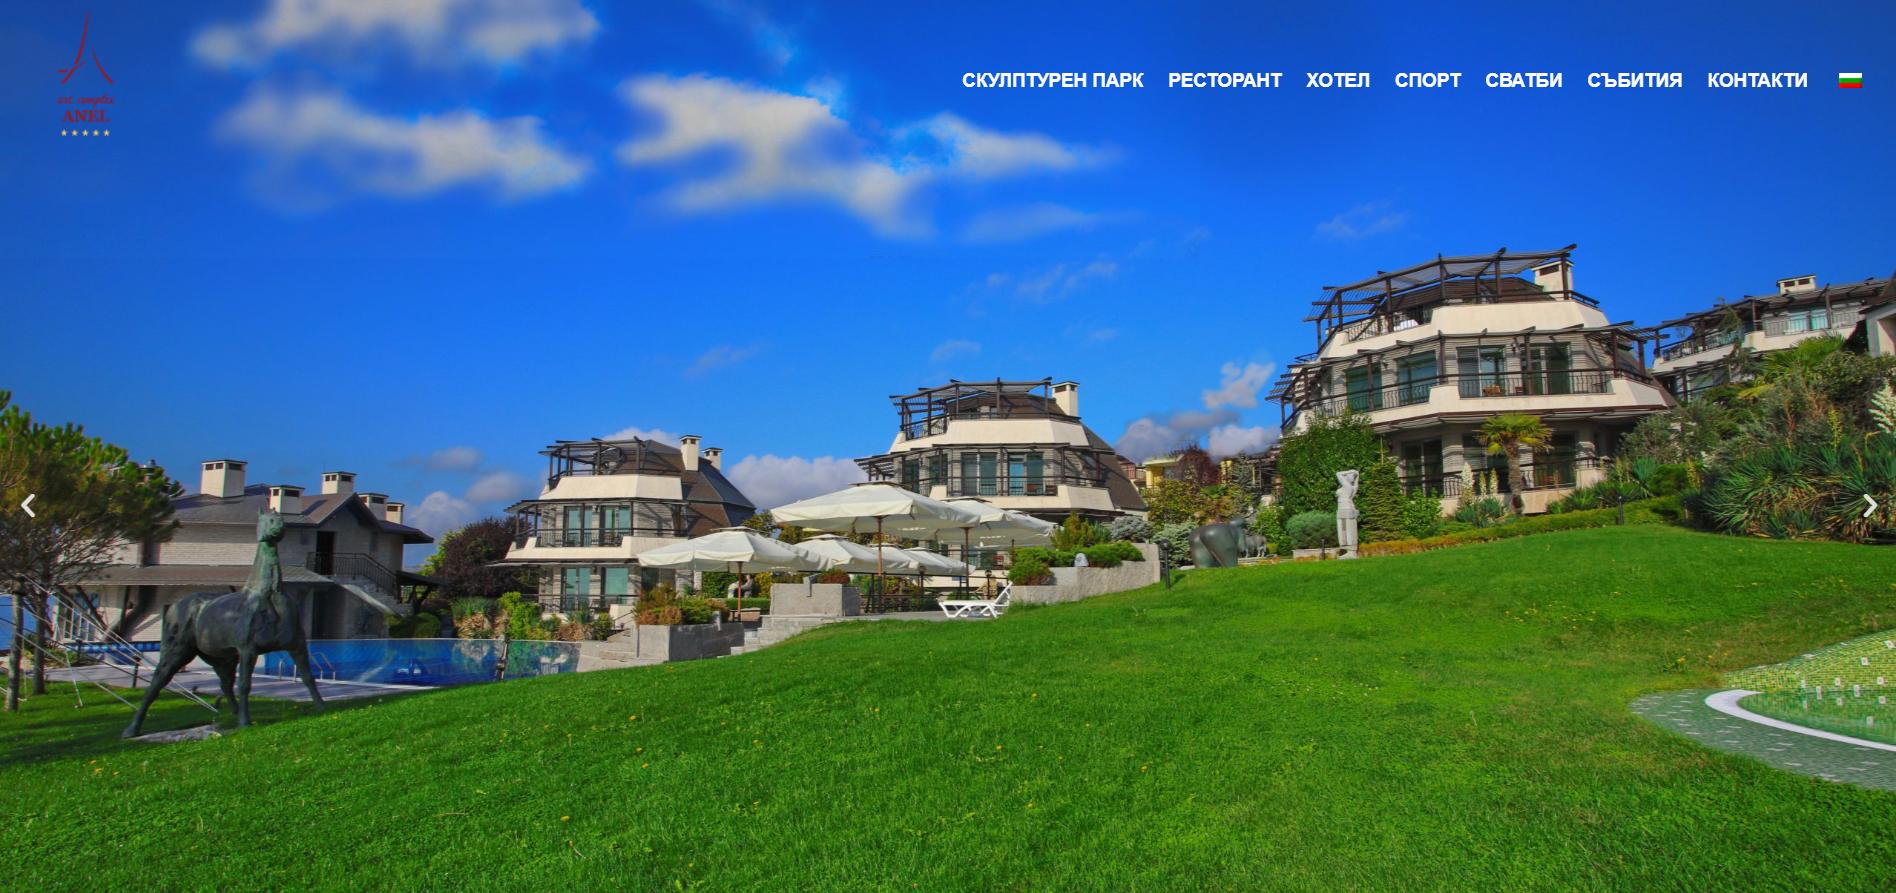 ArtComplexAnel-website-image